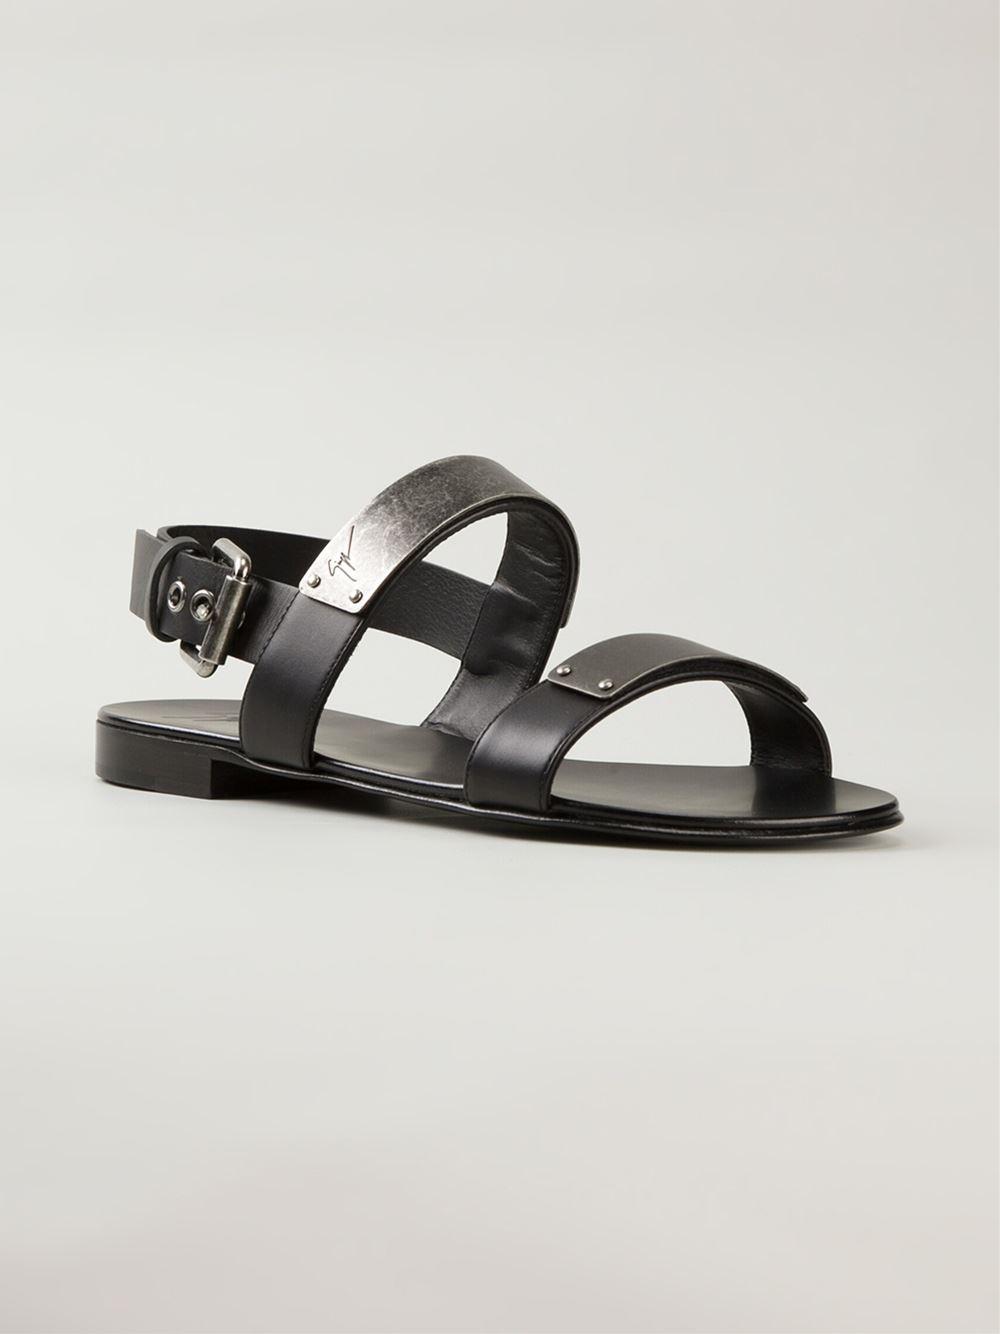 Giuseppe Zanotti Silver Plaque Double Strap Sandals In